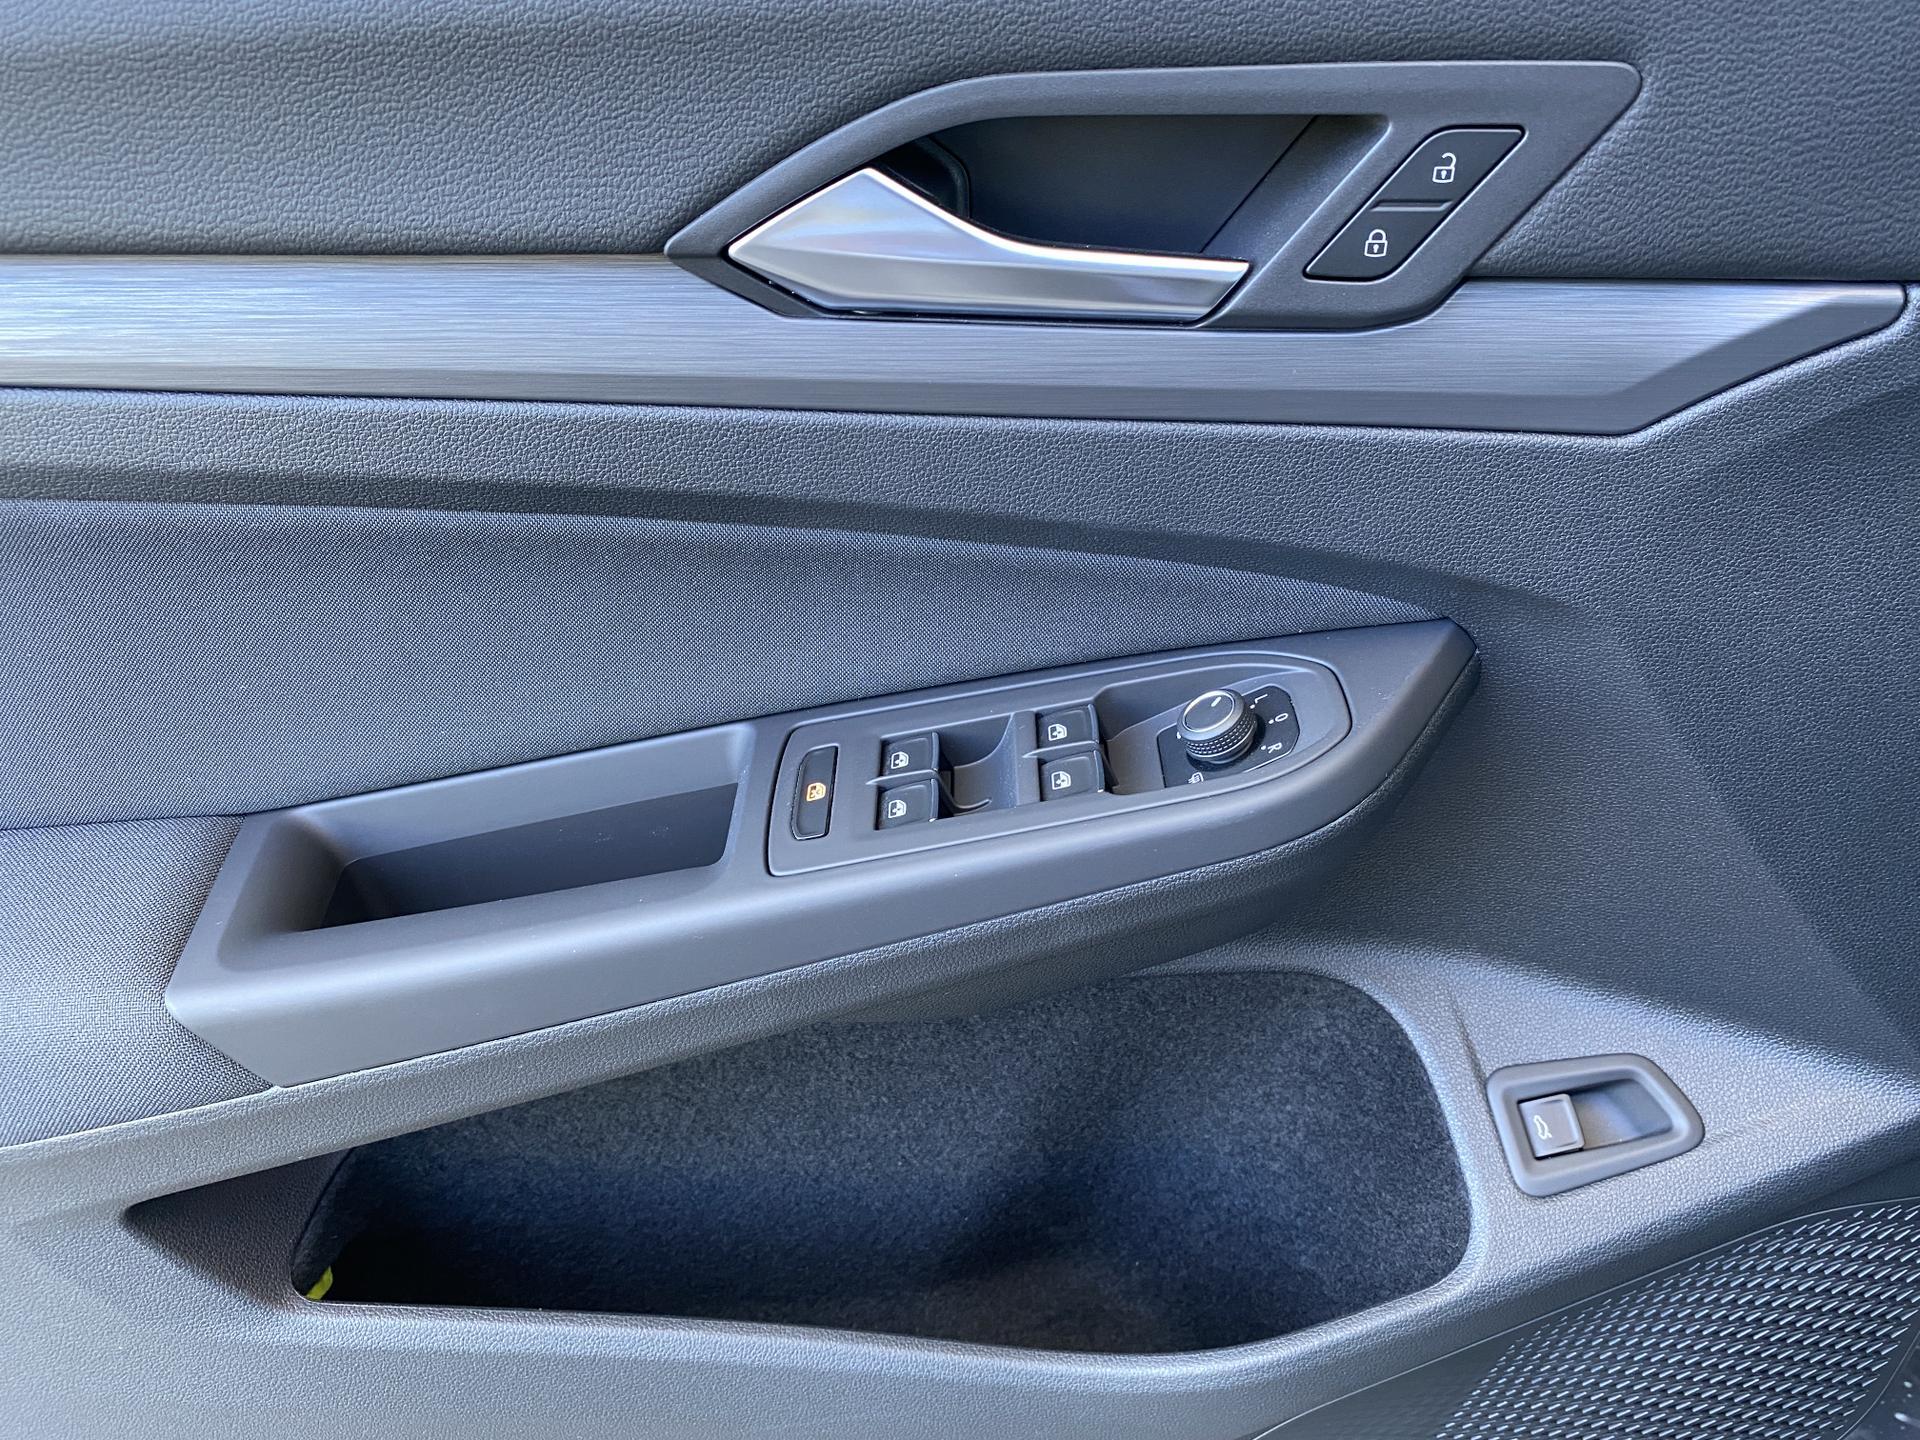 VW Golf Variant Fahrertür